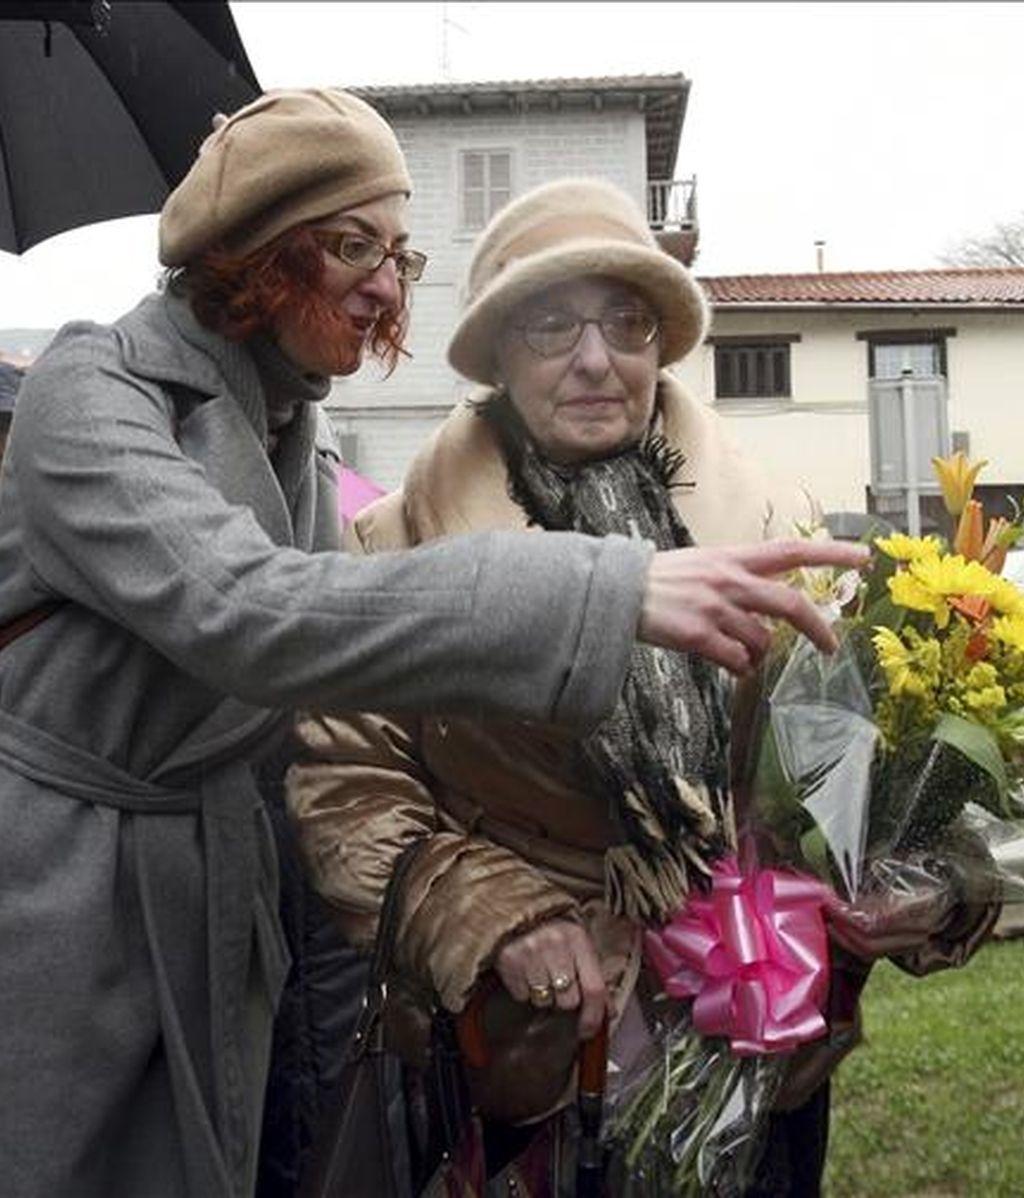 Pilar Ruiz, madre de Joxeba Pagazaurtundua, y la hermana de éste Maite Pazaurtundua (i), durante el acto en memoria del que fuera jefe de la Guardia Municipal de Andoain (Guipúzcoa), en el sexto aniversario de su asesinato a manos de la banda terrorista ETA. EFE